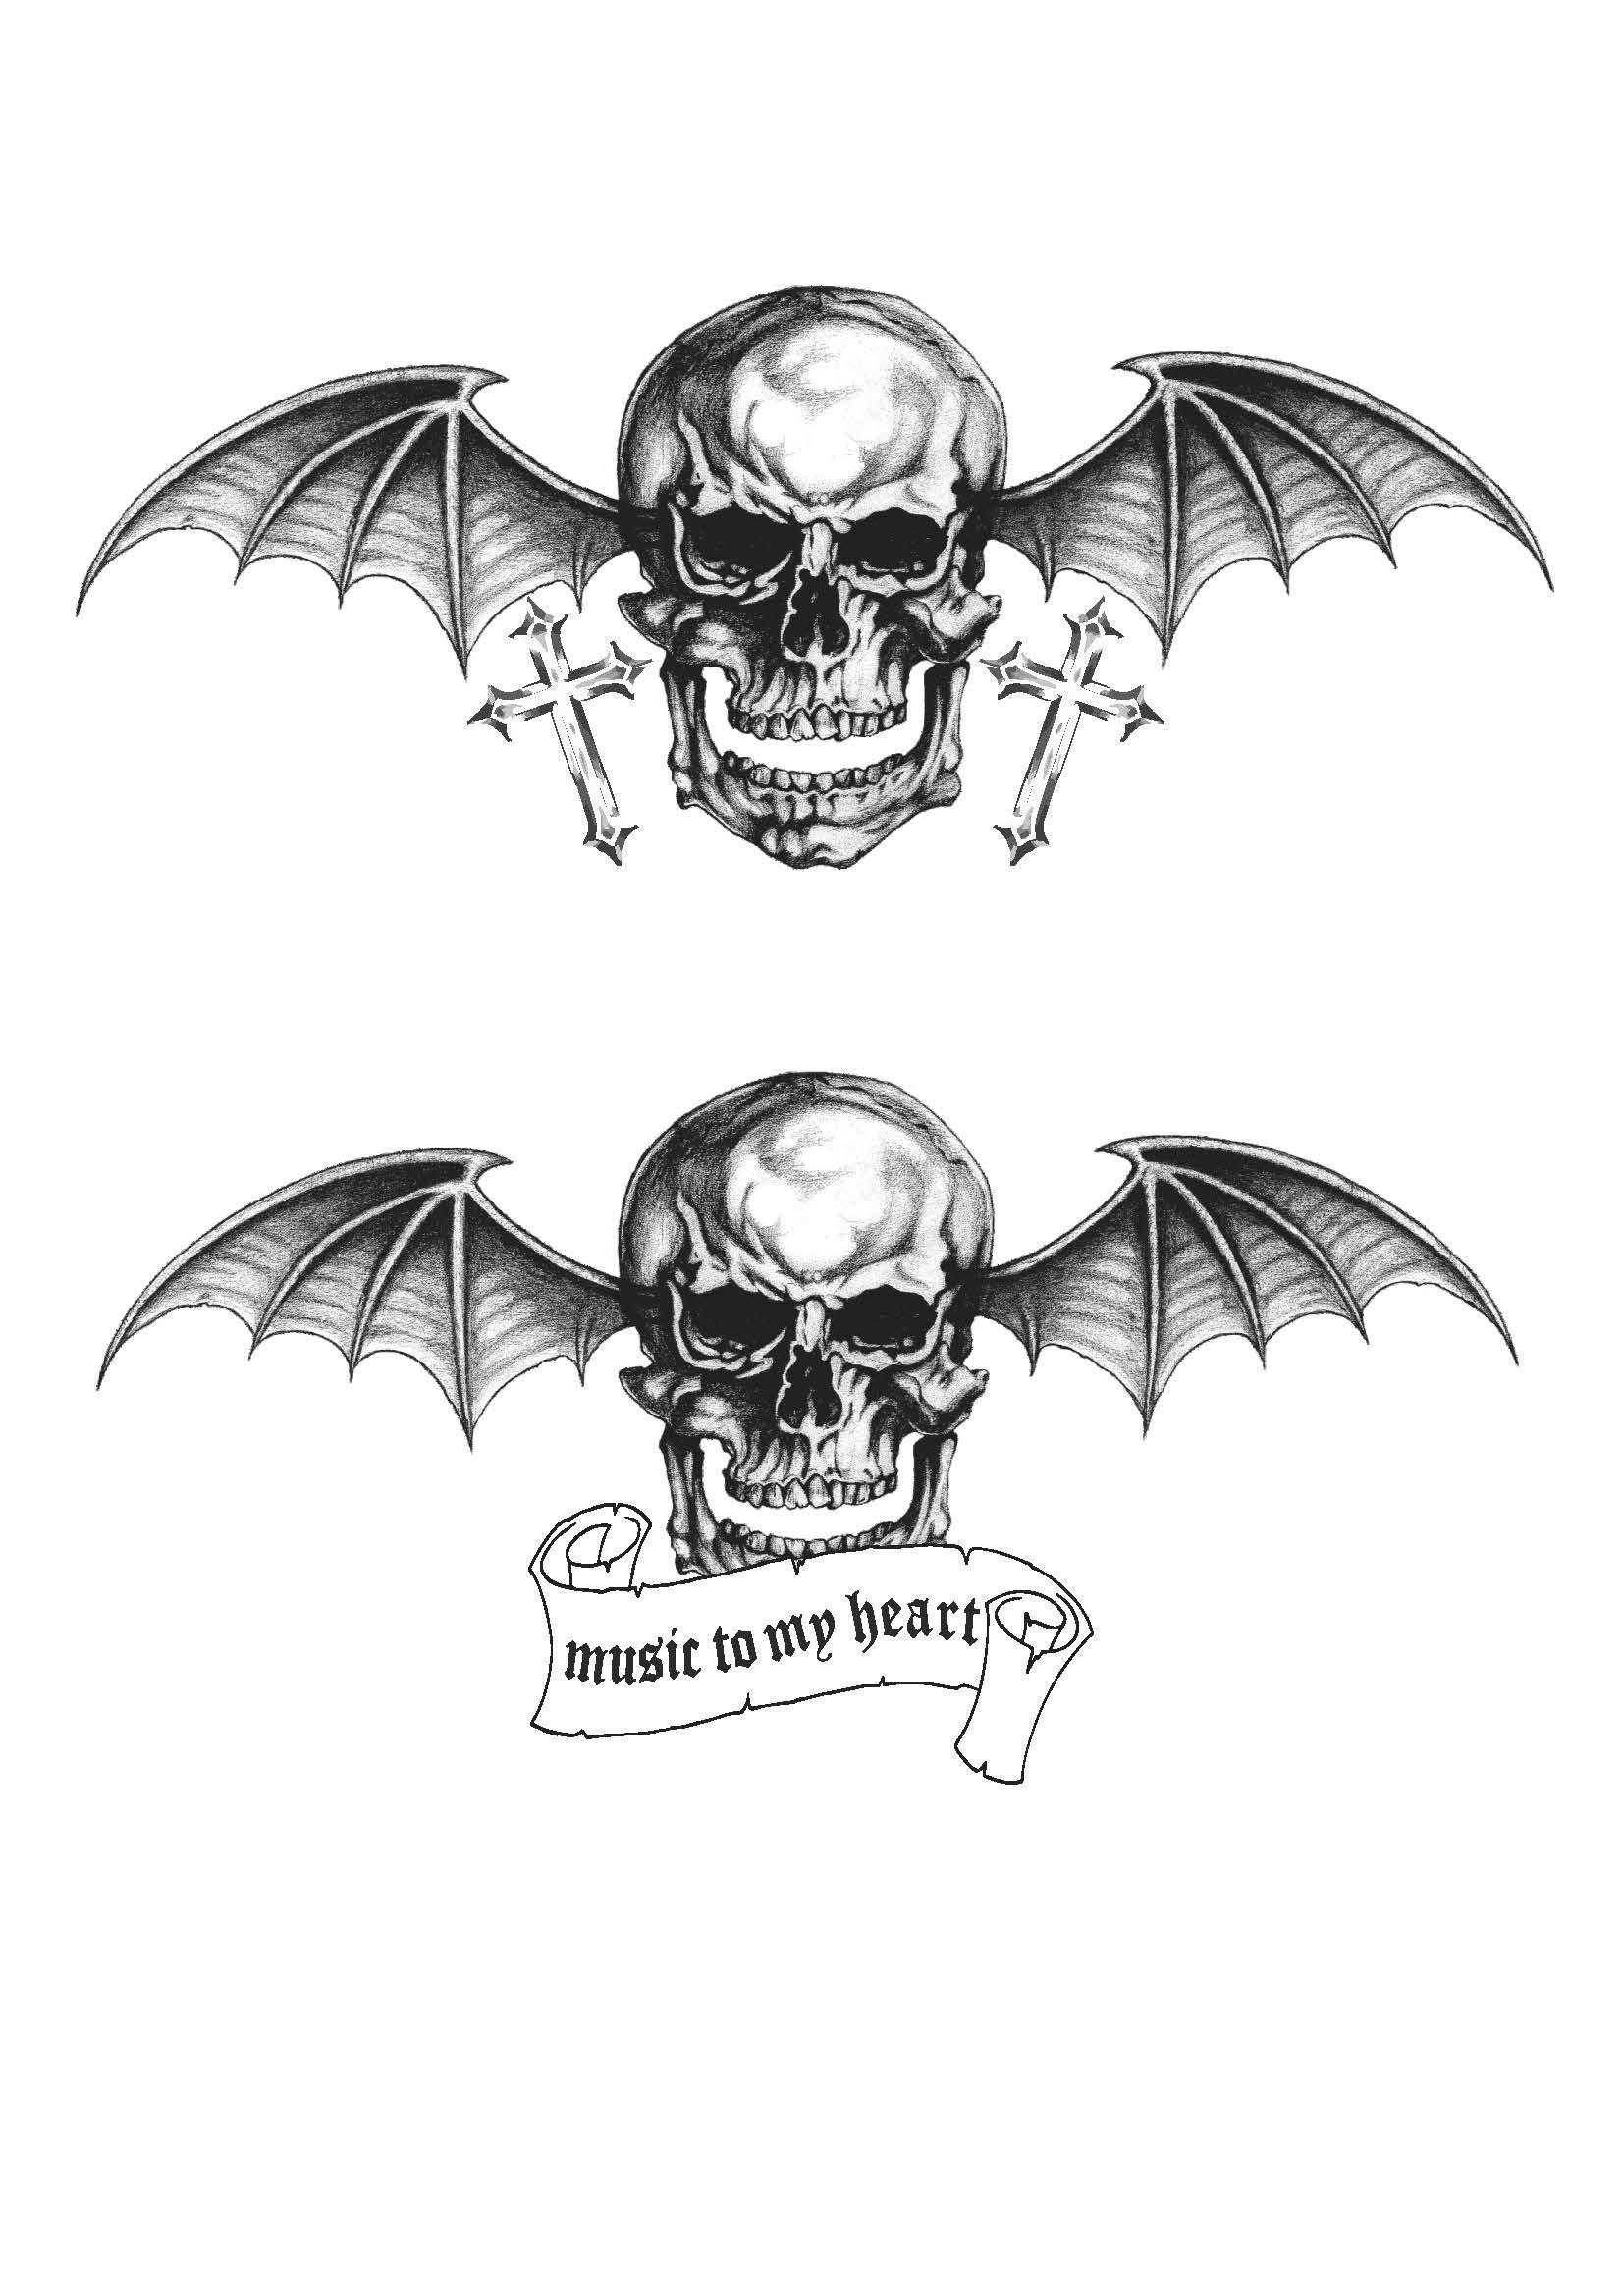 tattoo design A7x ( avegend sevenfold )